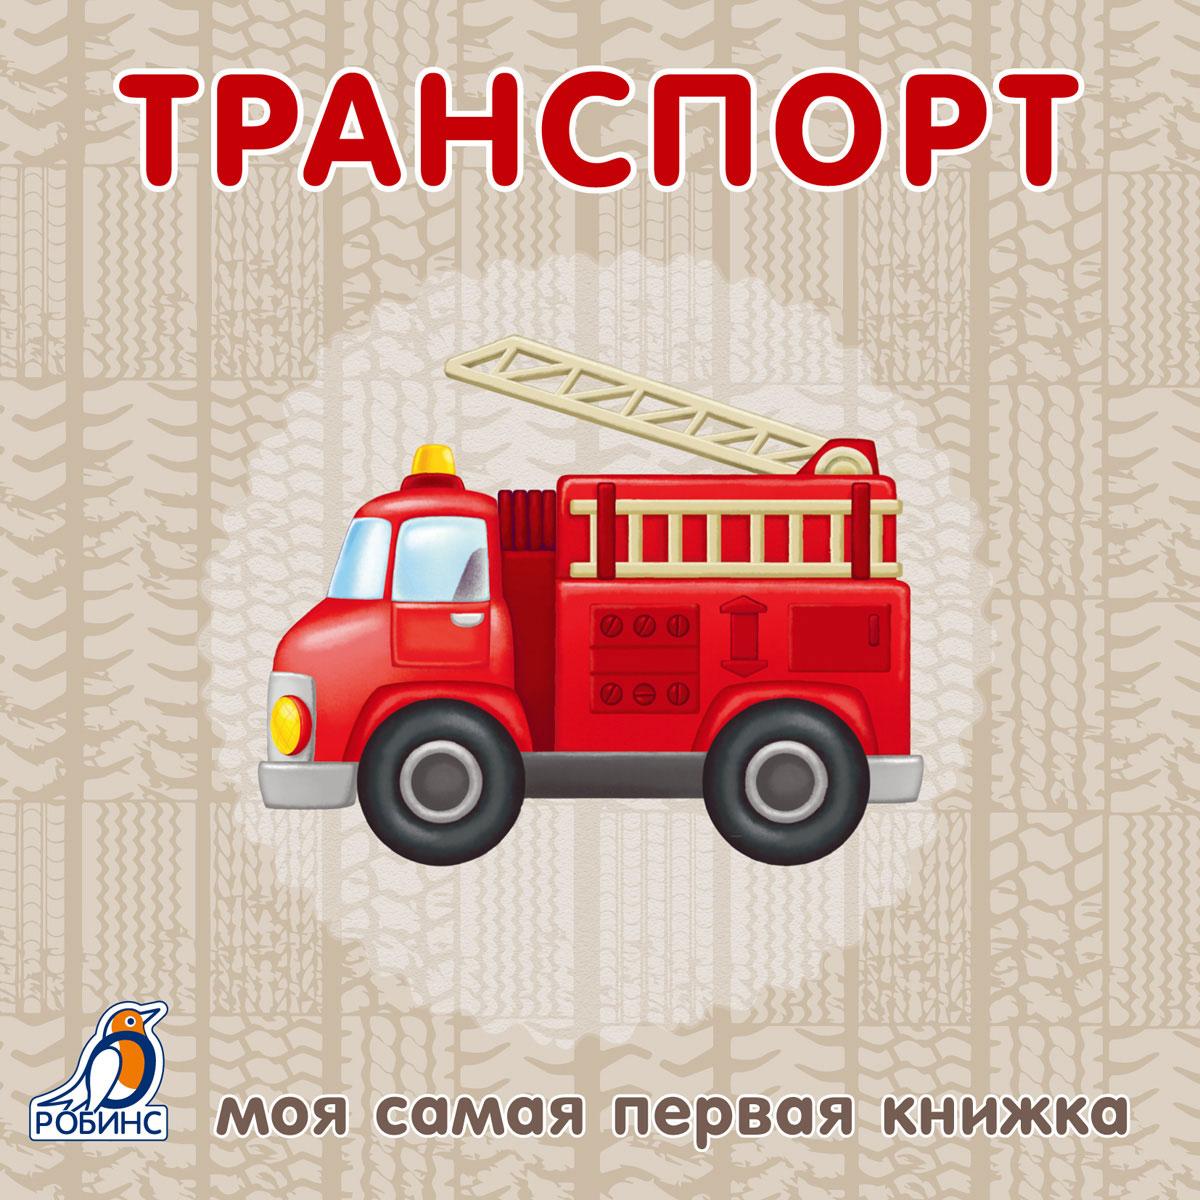 Моя самая первая книжка. Транспорт